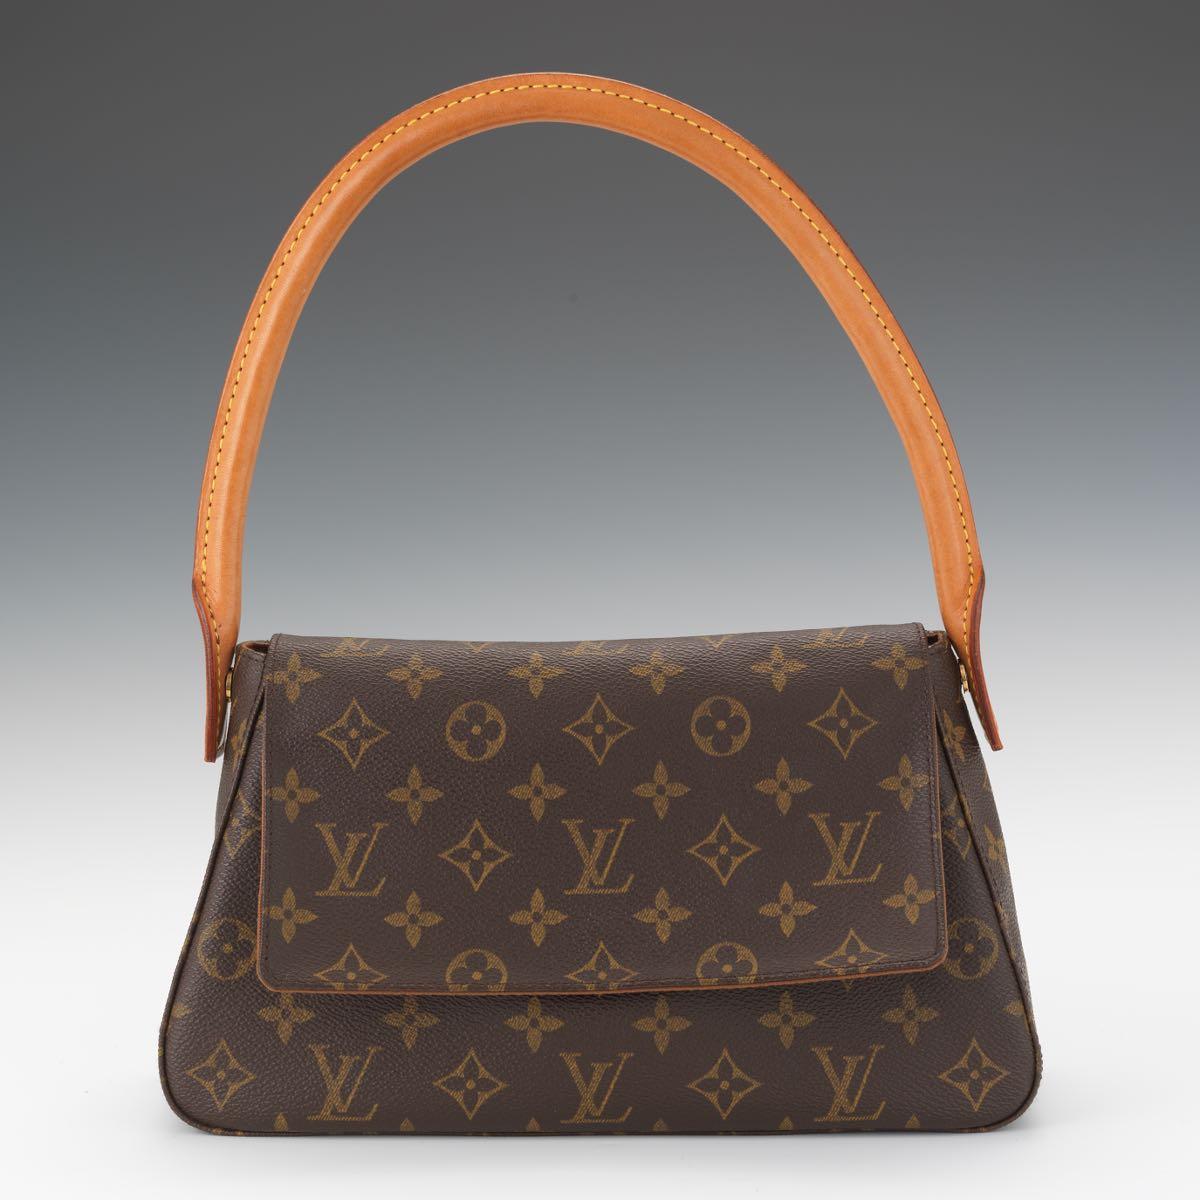 71832d12a1cf Louis Vuitton Monogram Canvas Mini Looping Bag